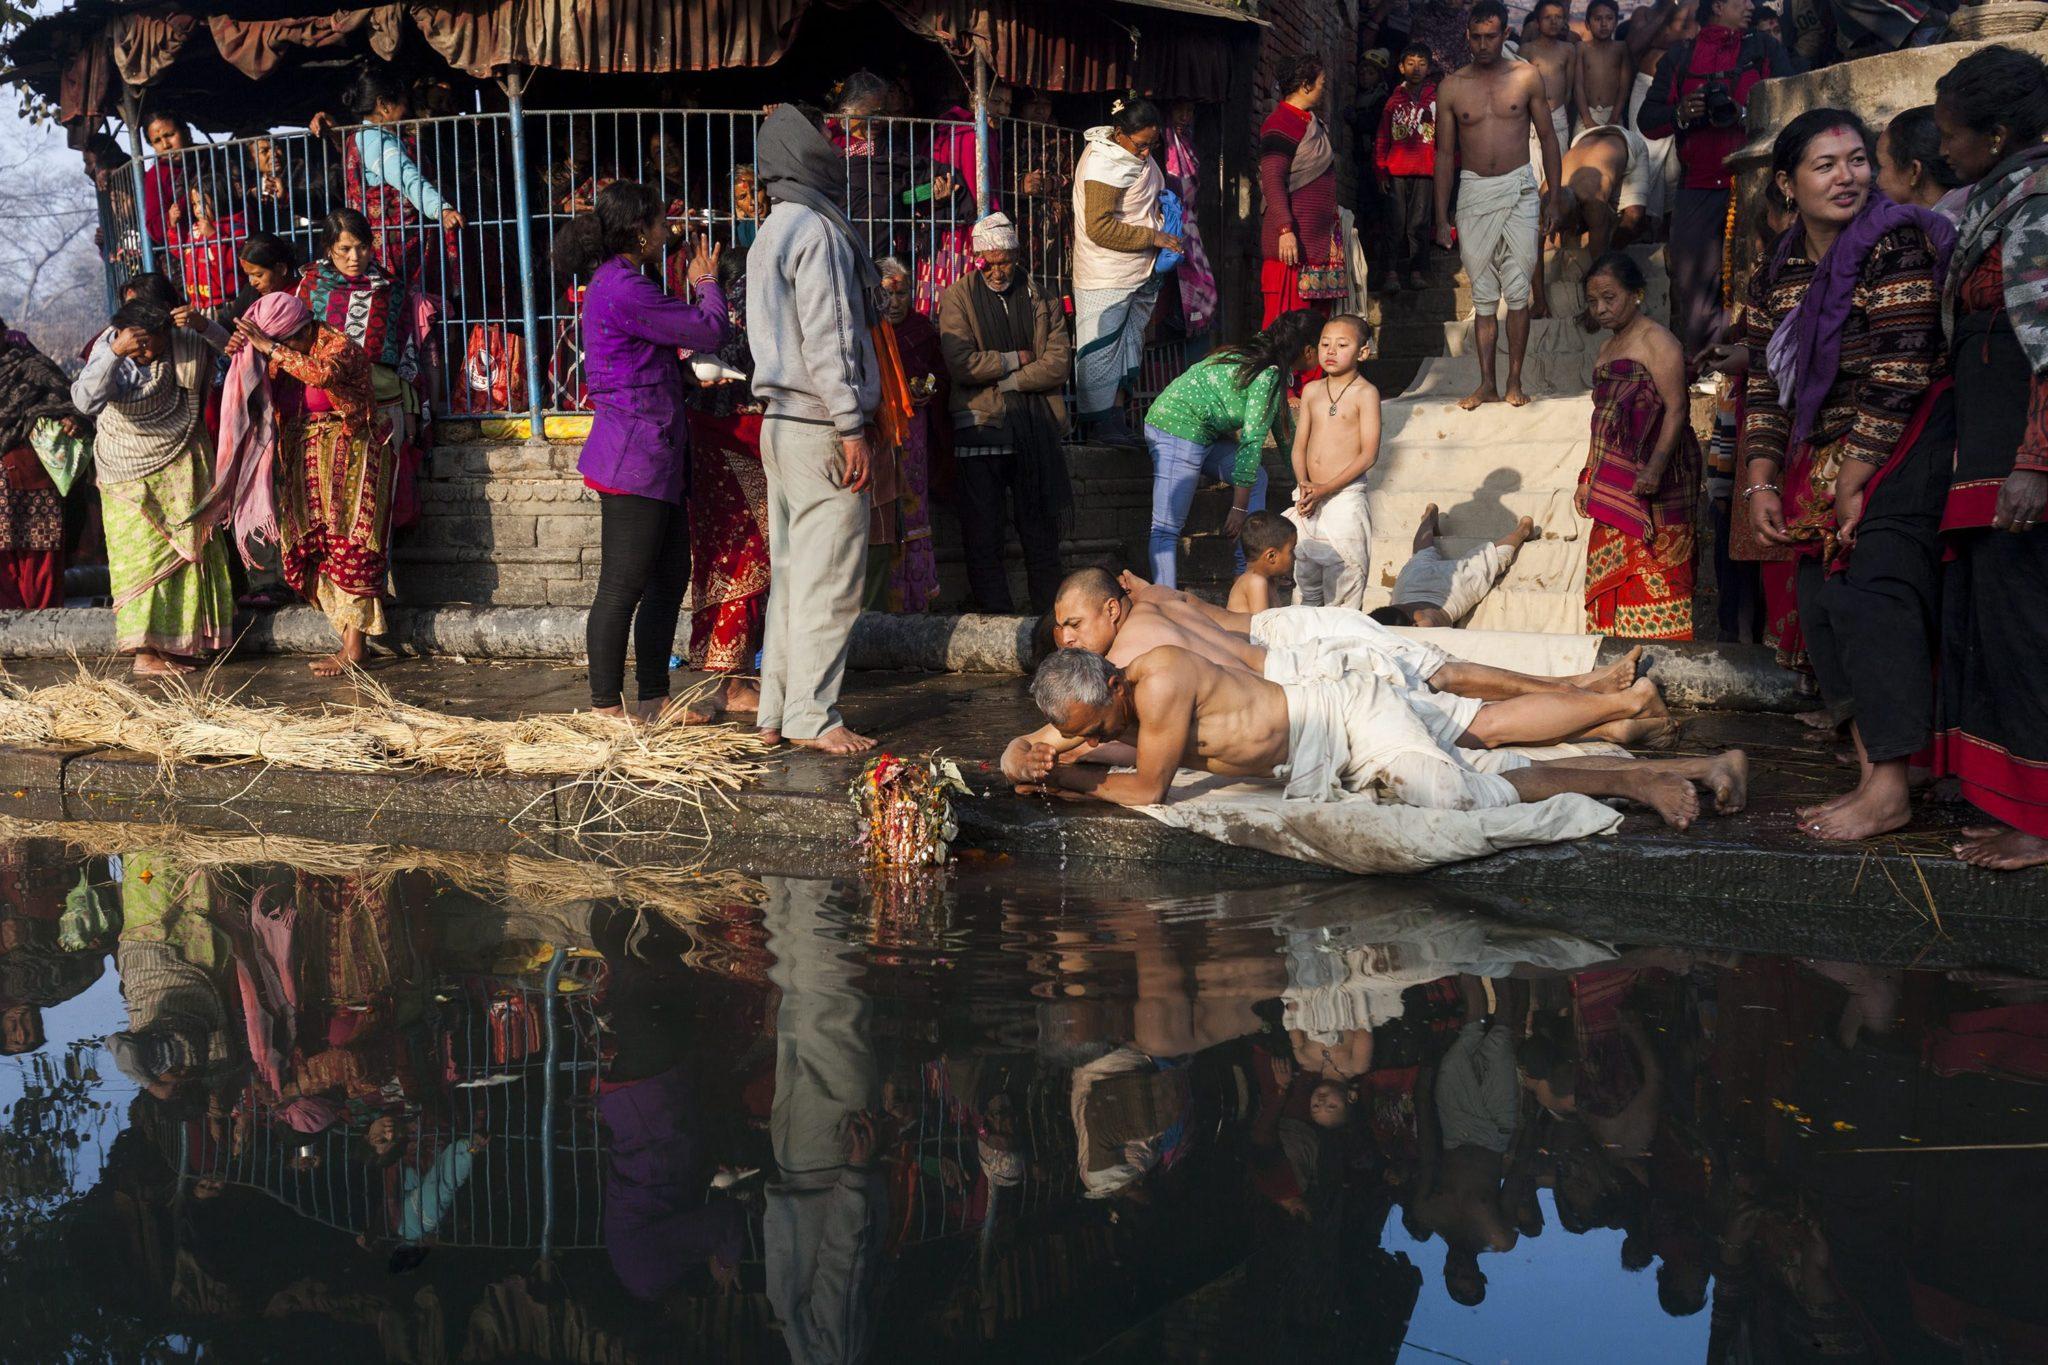 Nepal: obchody święta Madhav Narayan w Bhaktapur, ku czci Śiwy, jednego z najistotniejszych dewów w hinduizmie (foto. PAP/EPA/HEMANTA SHRESTHA)